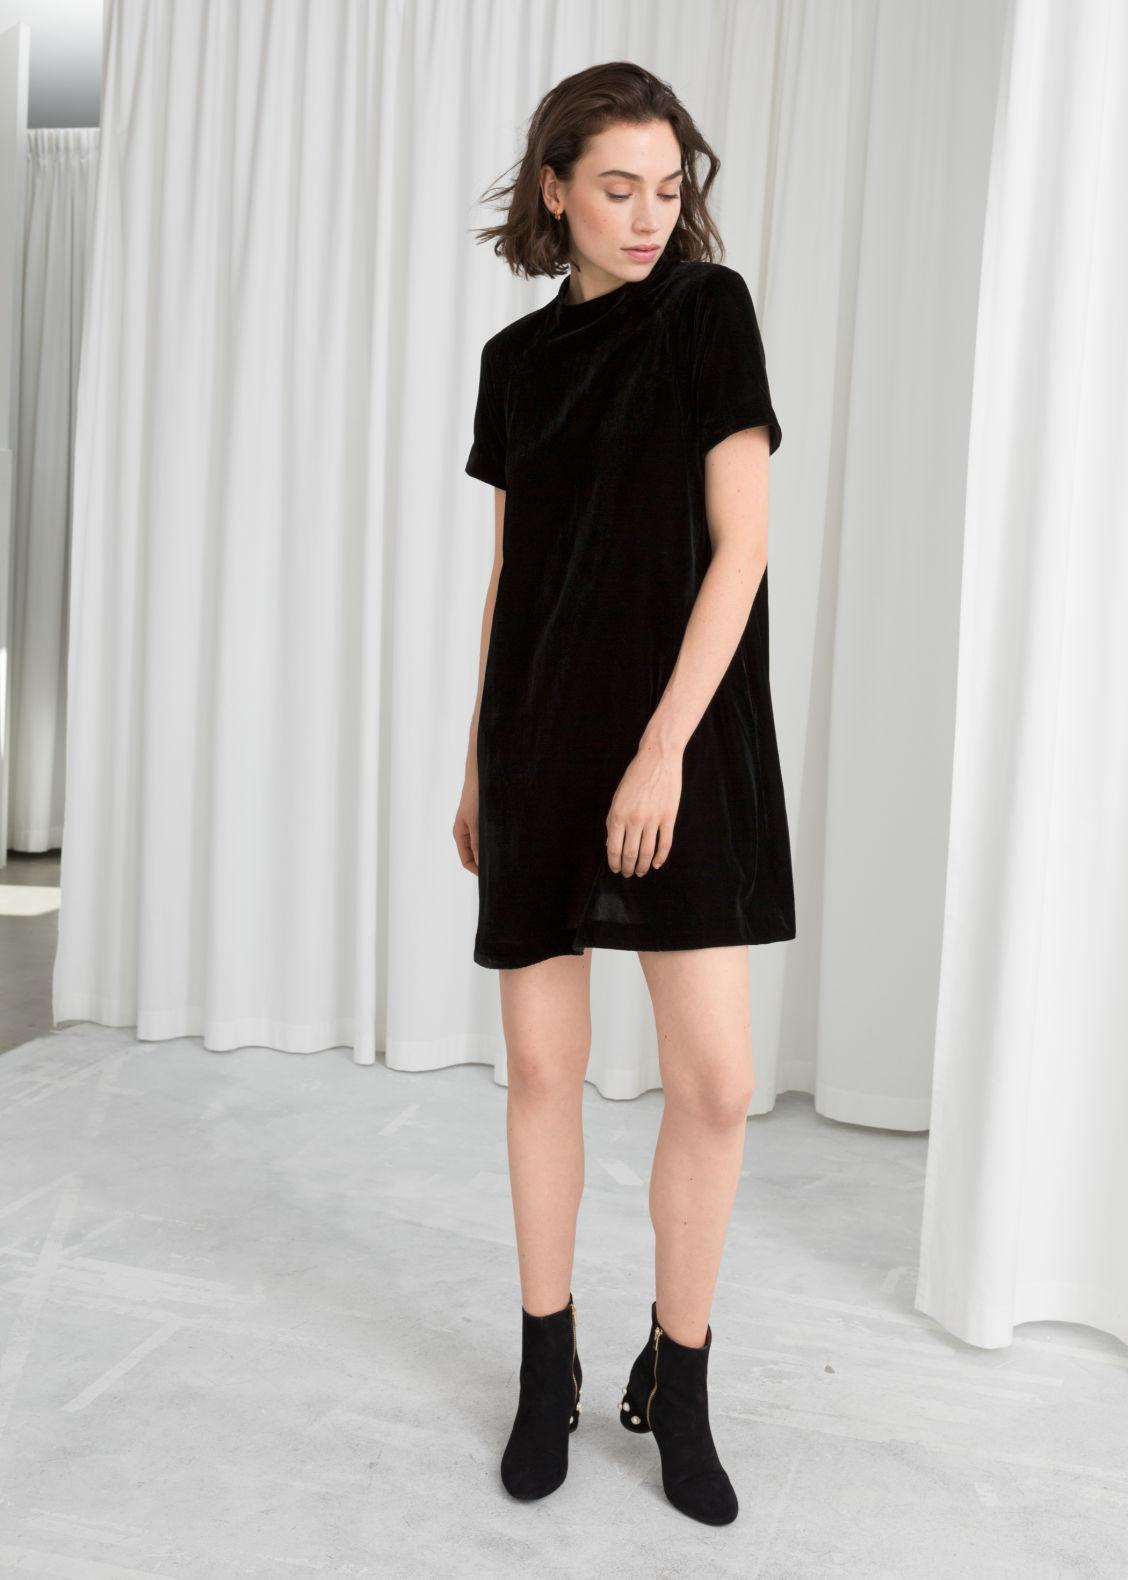 Velvet T-Shirt Dress - Black - Mini dresses -   Other Stories 5215a5745